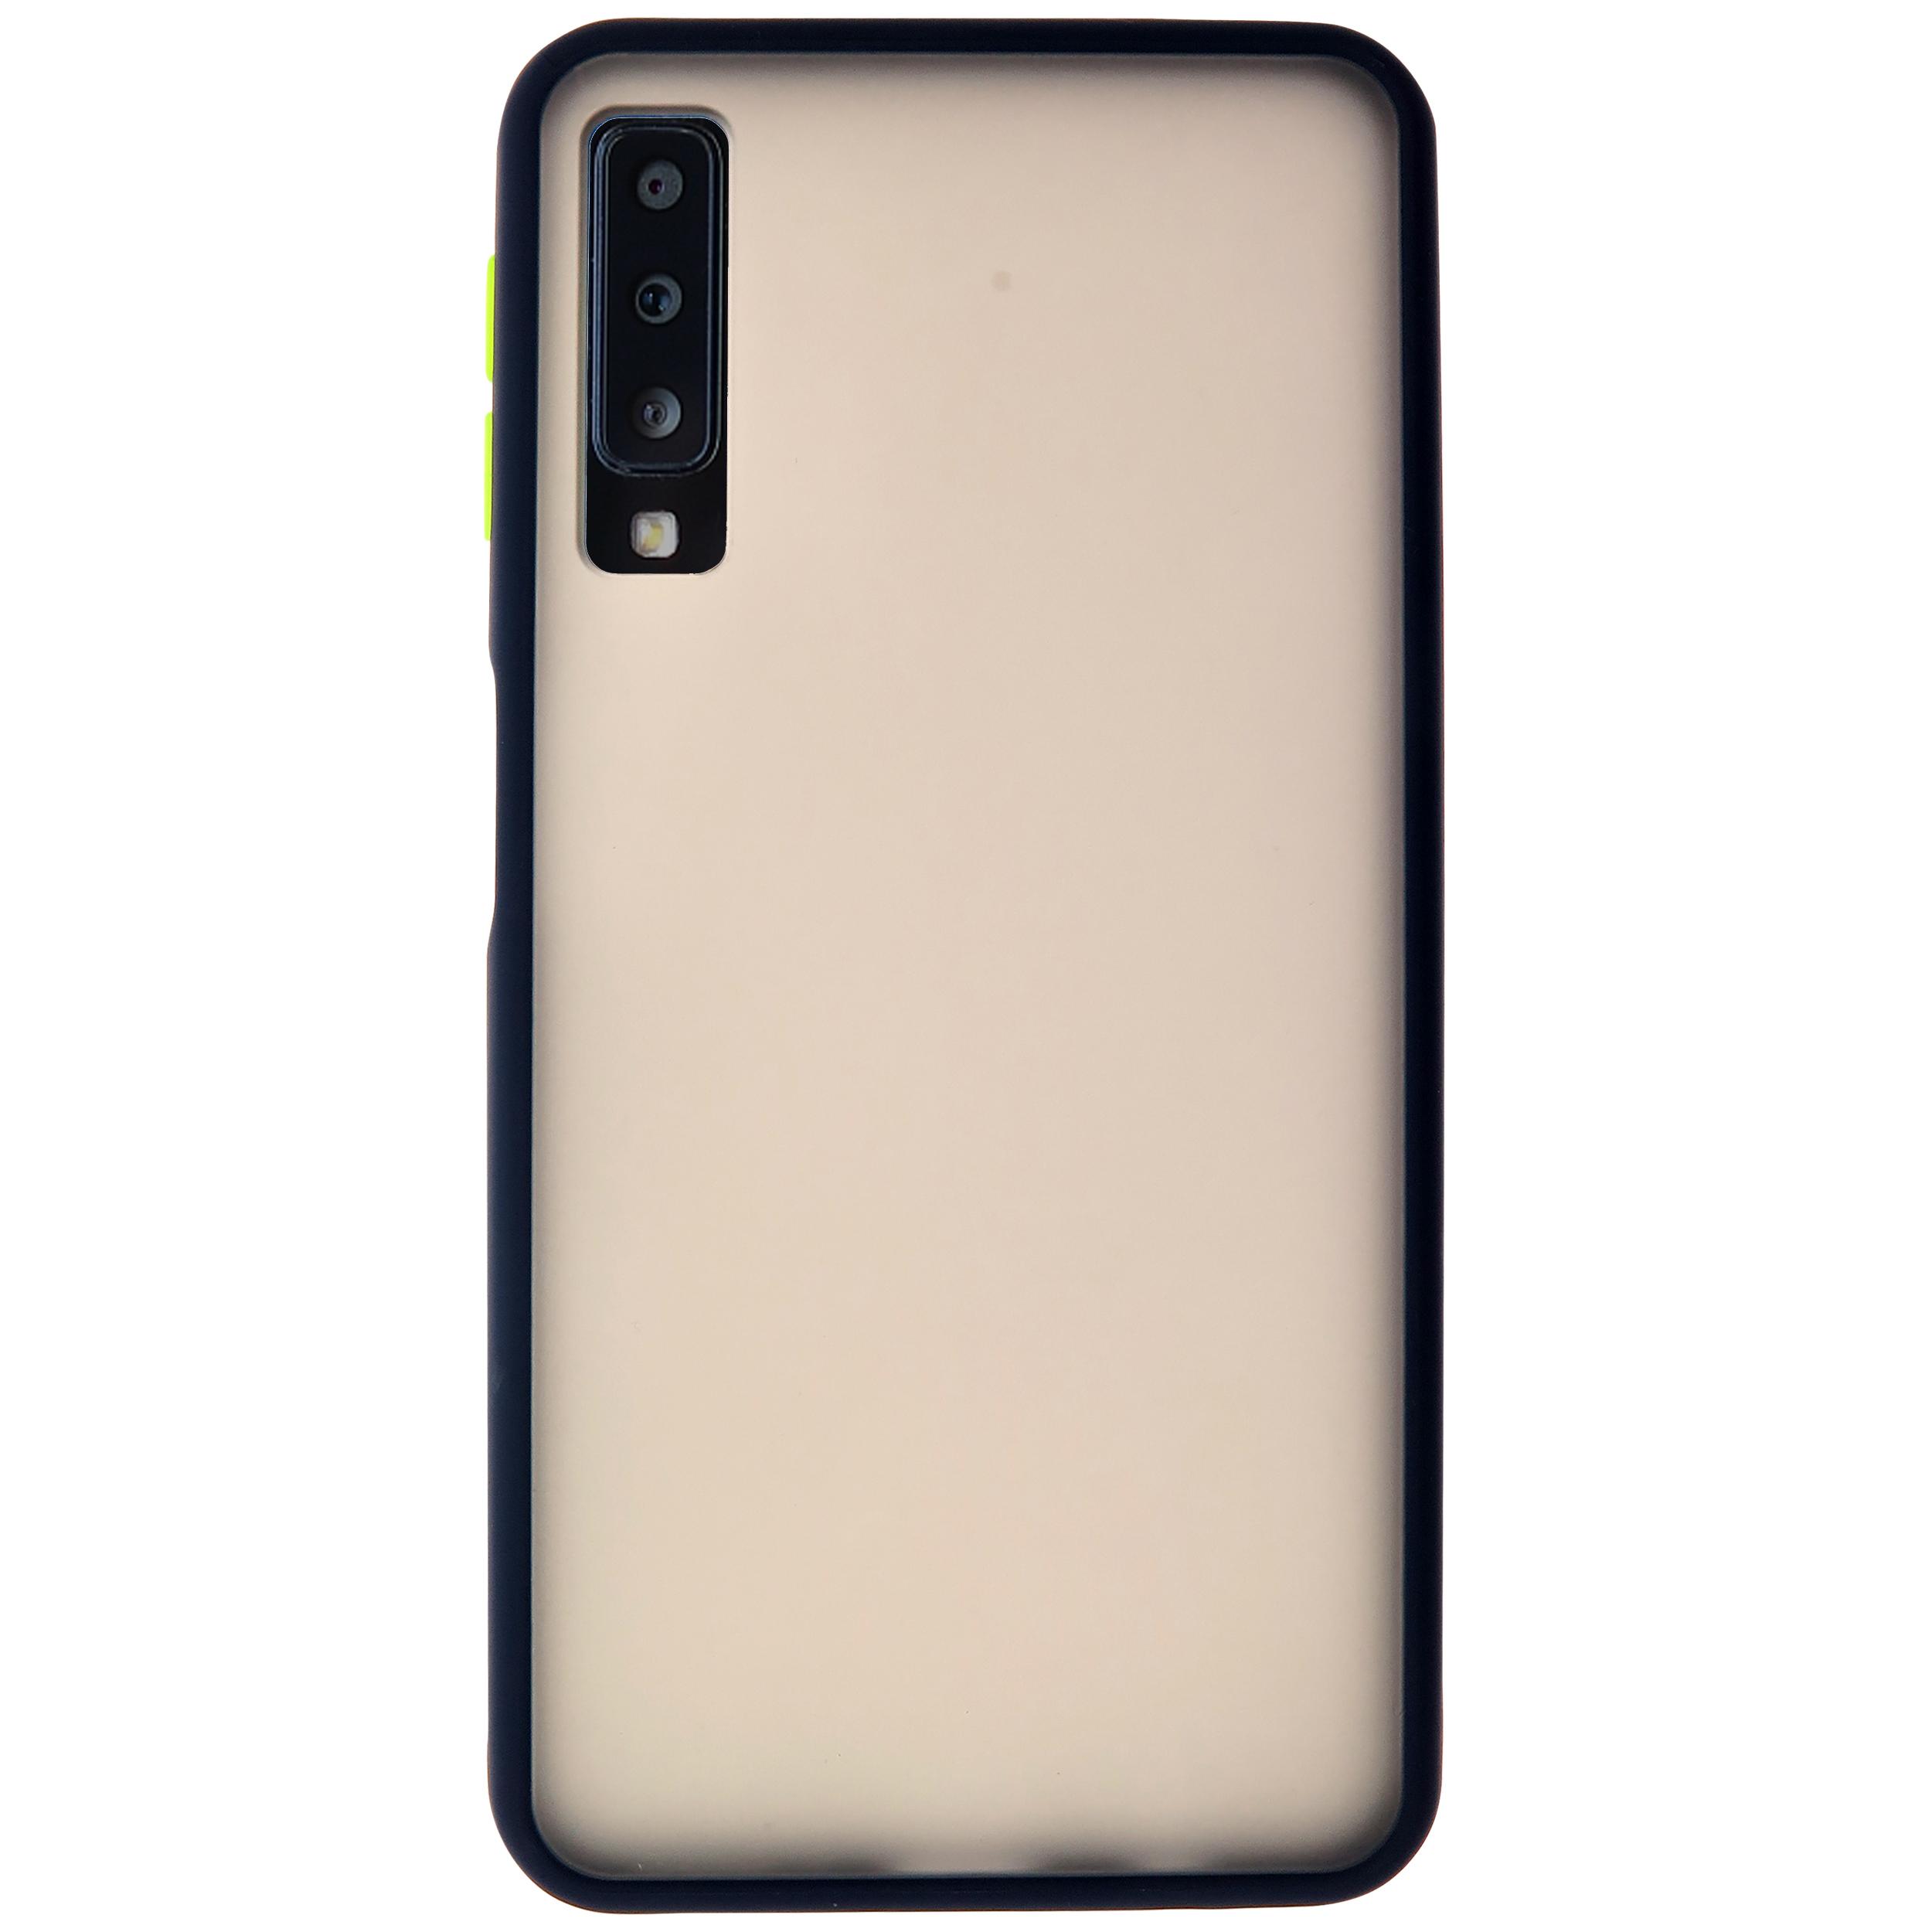 کاور مدل arka10 مناسب برای گوشی موبایل سامسونگ Galaxy A7 2018